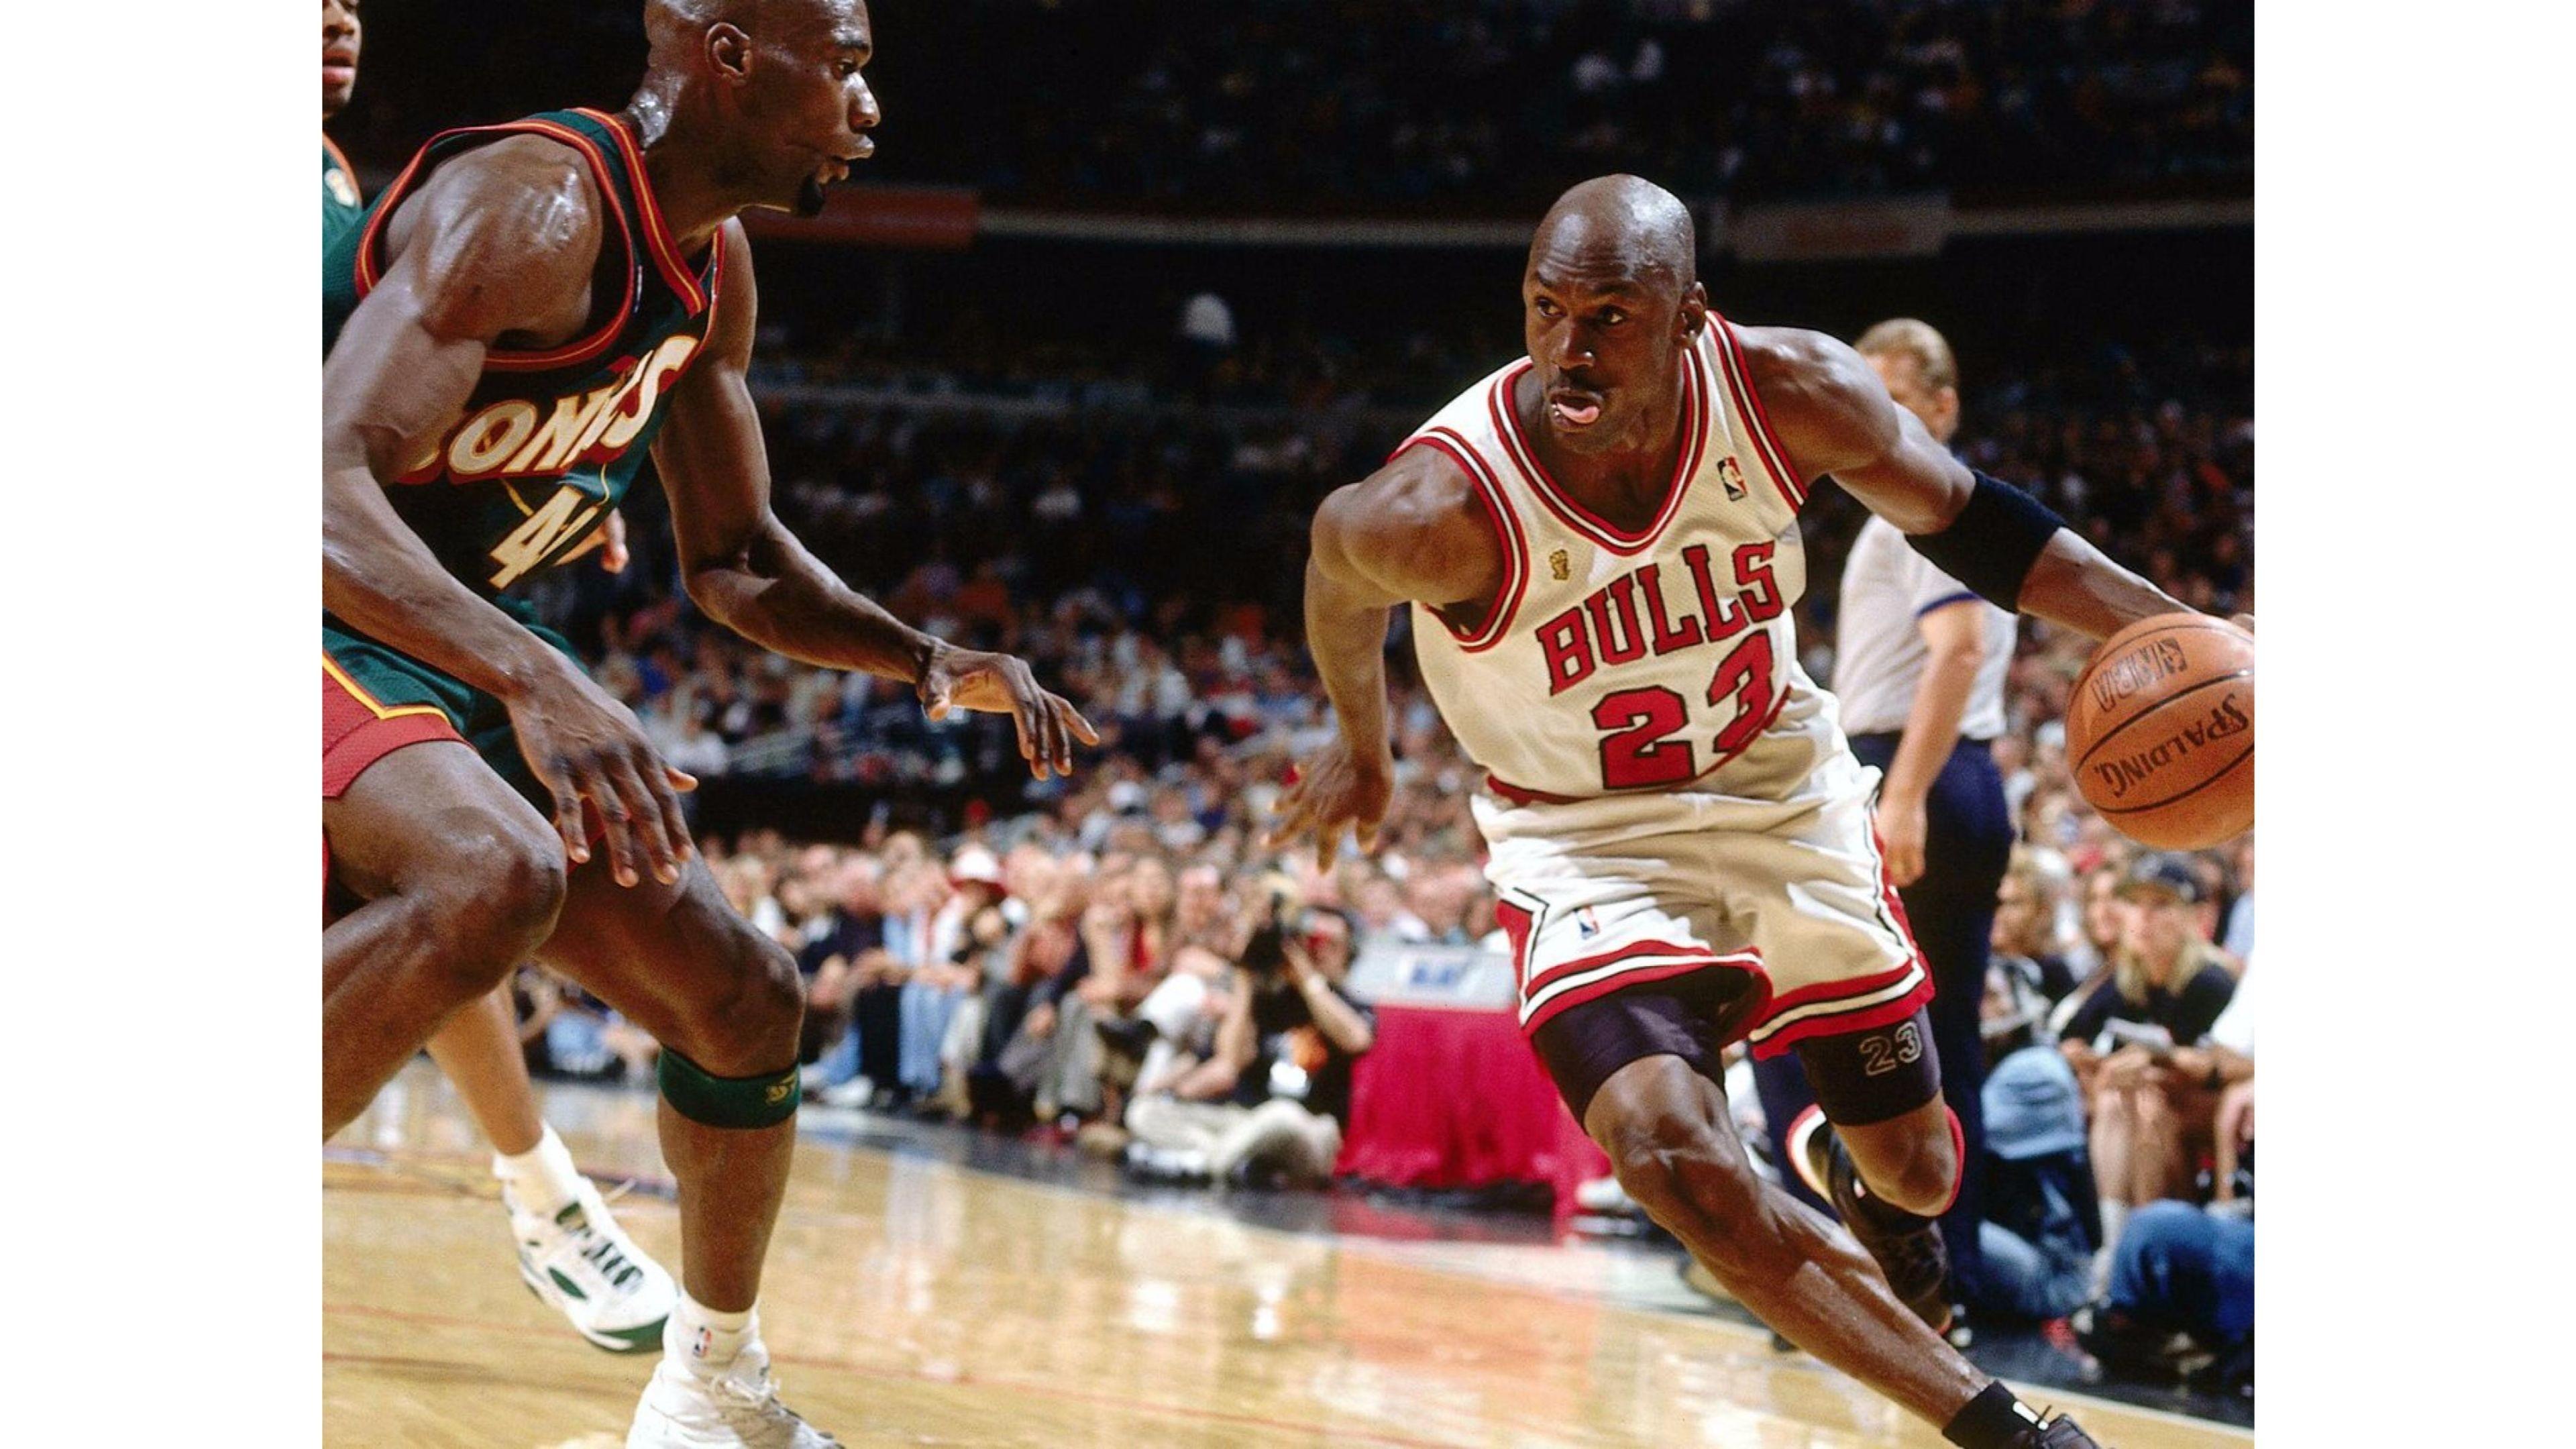 Shawn Kemp vs Michael Jordan 4K Wallpaper